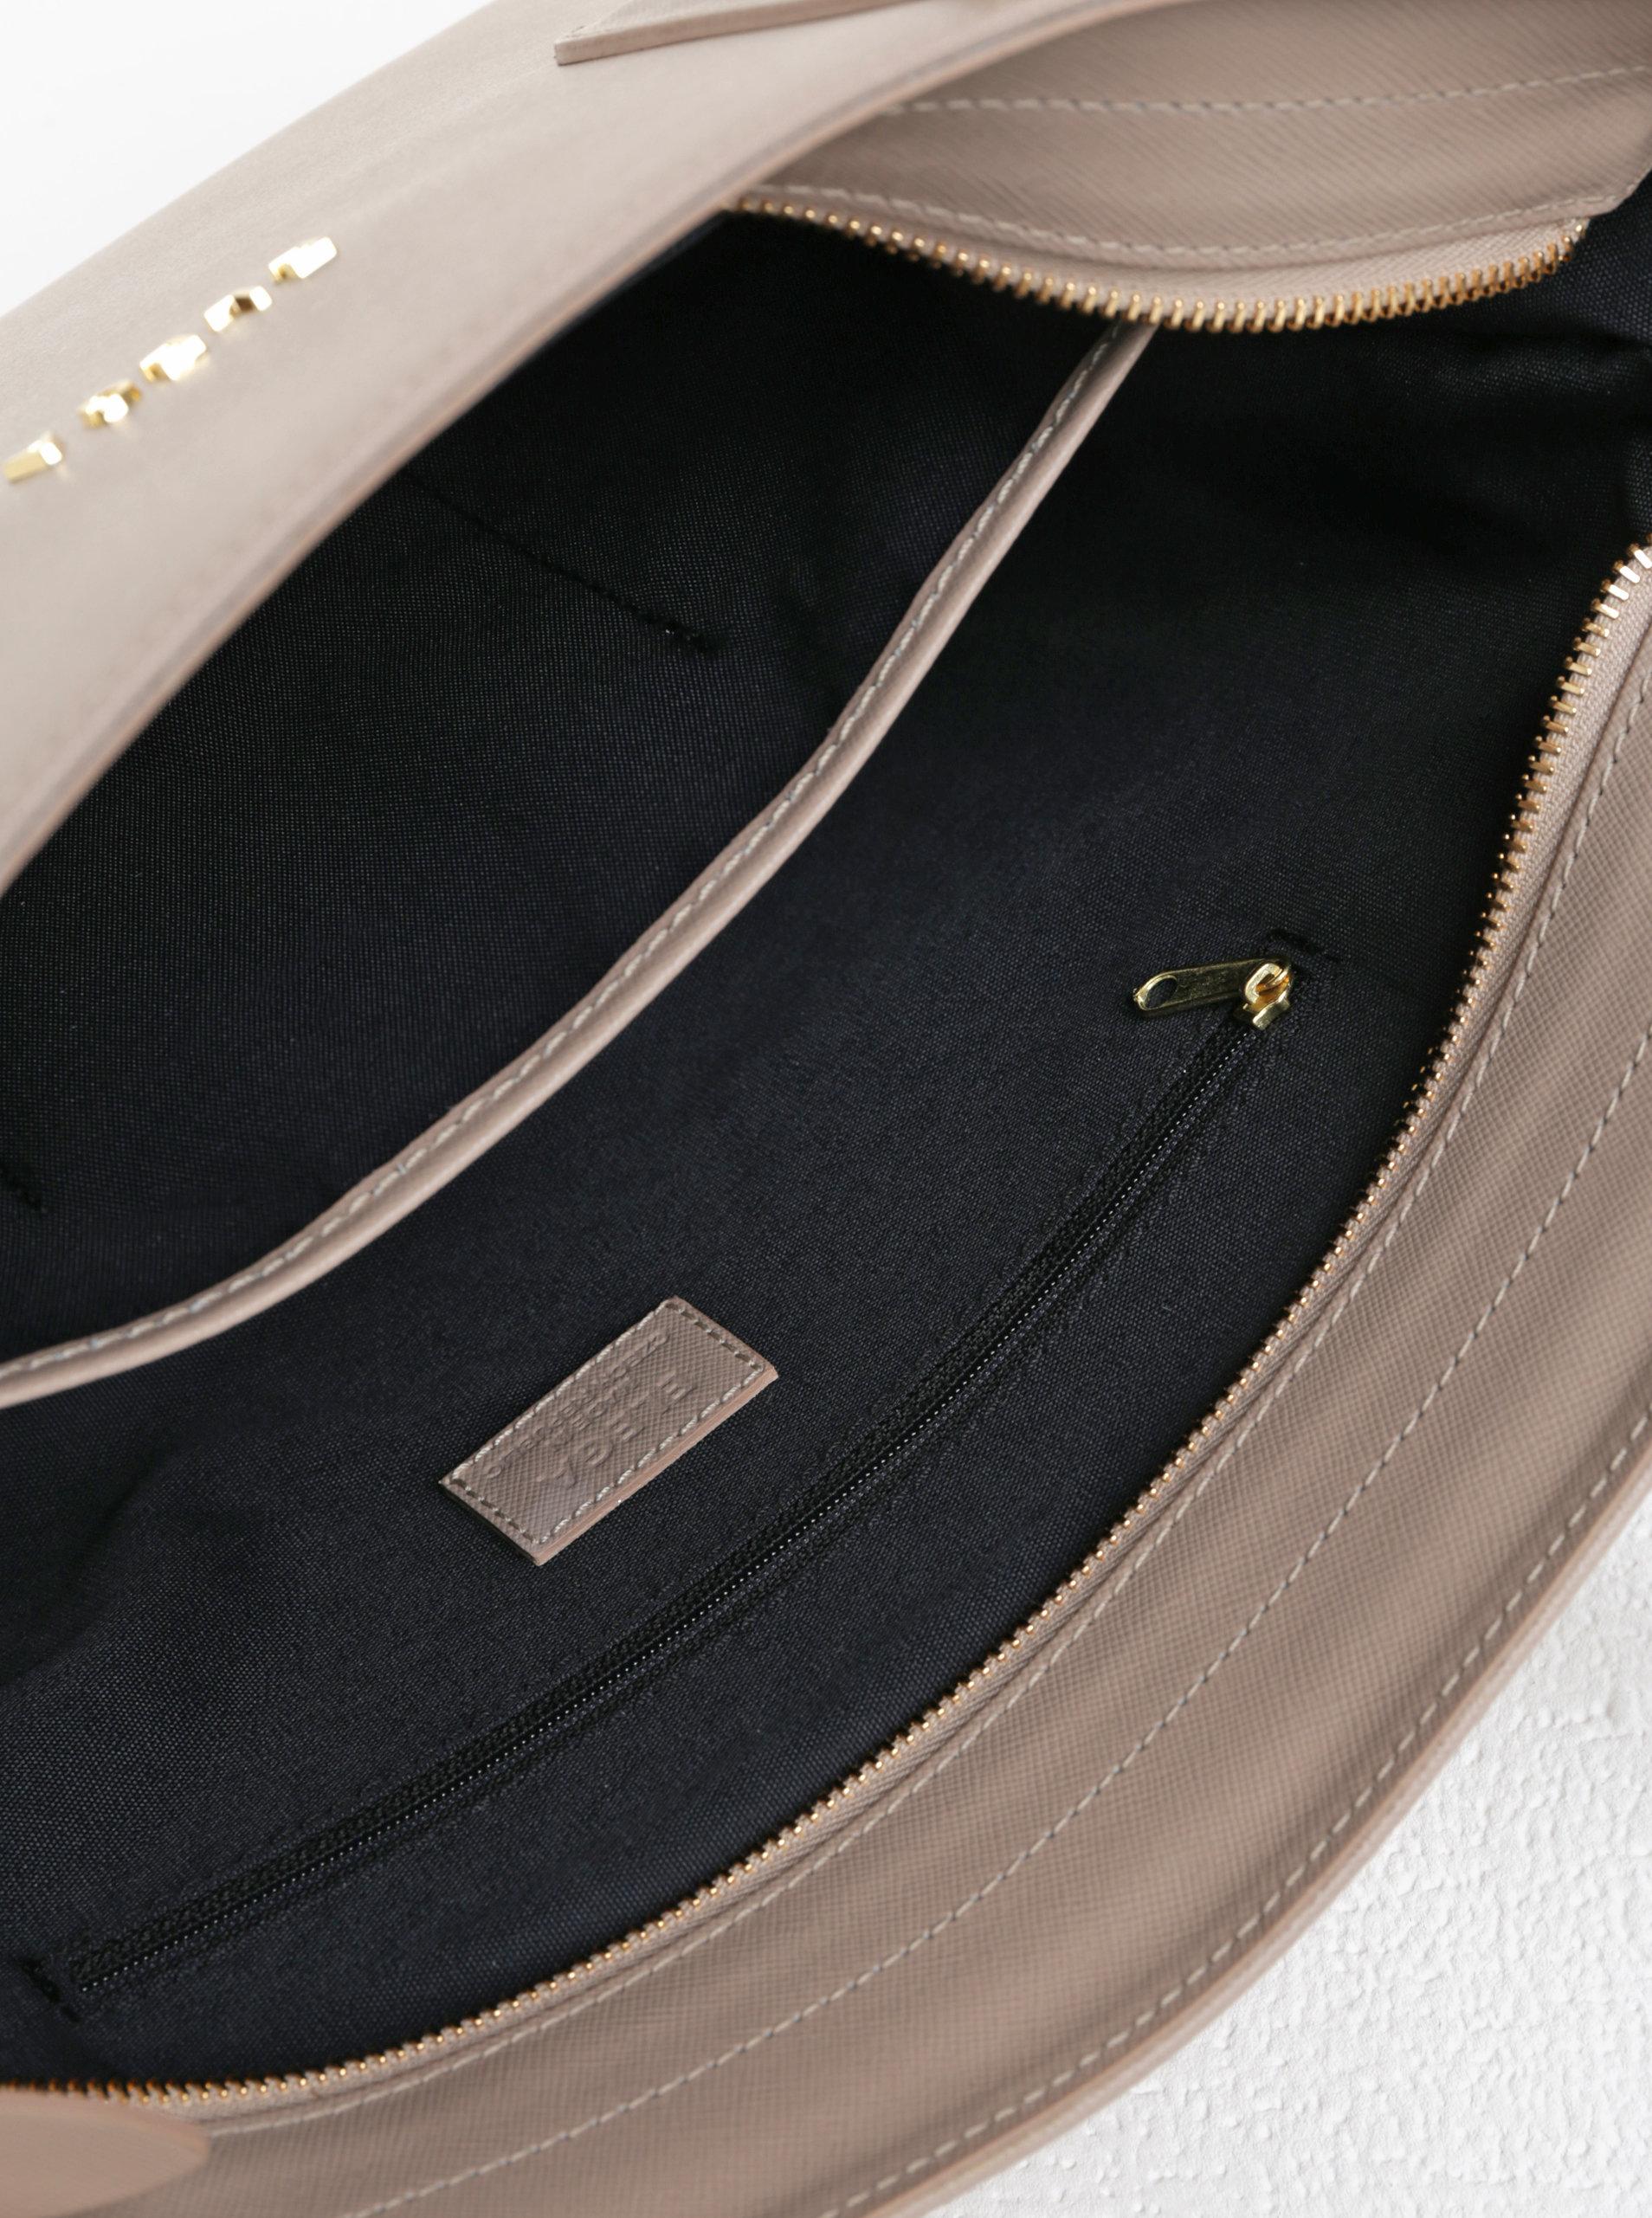 738f24c403 Béžová kožená kabelka cez rameno ELEGA Simone